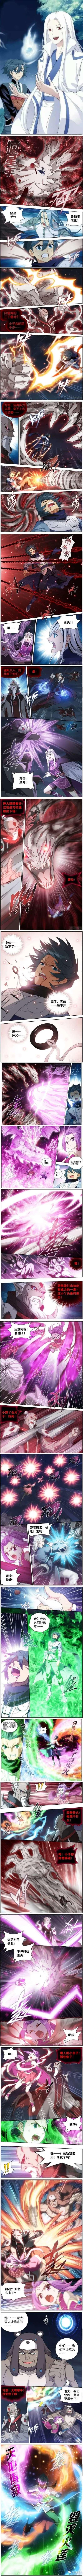 【漫画更新】斗破苍穹299